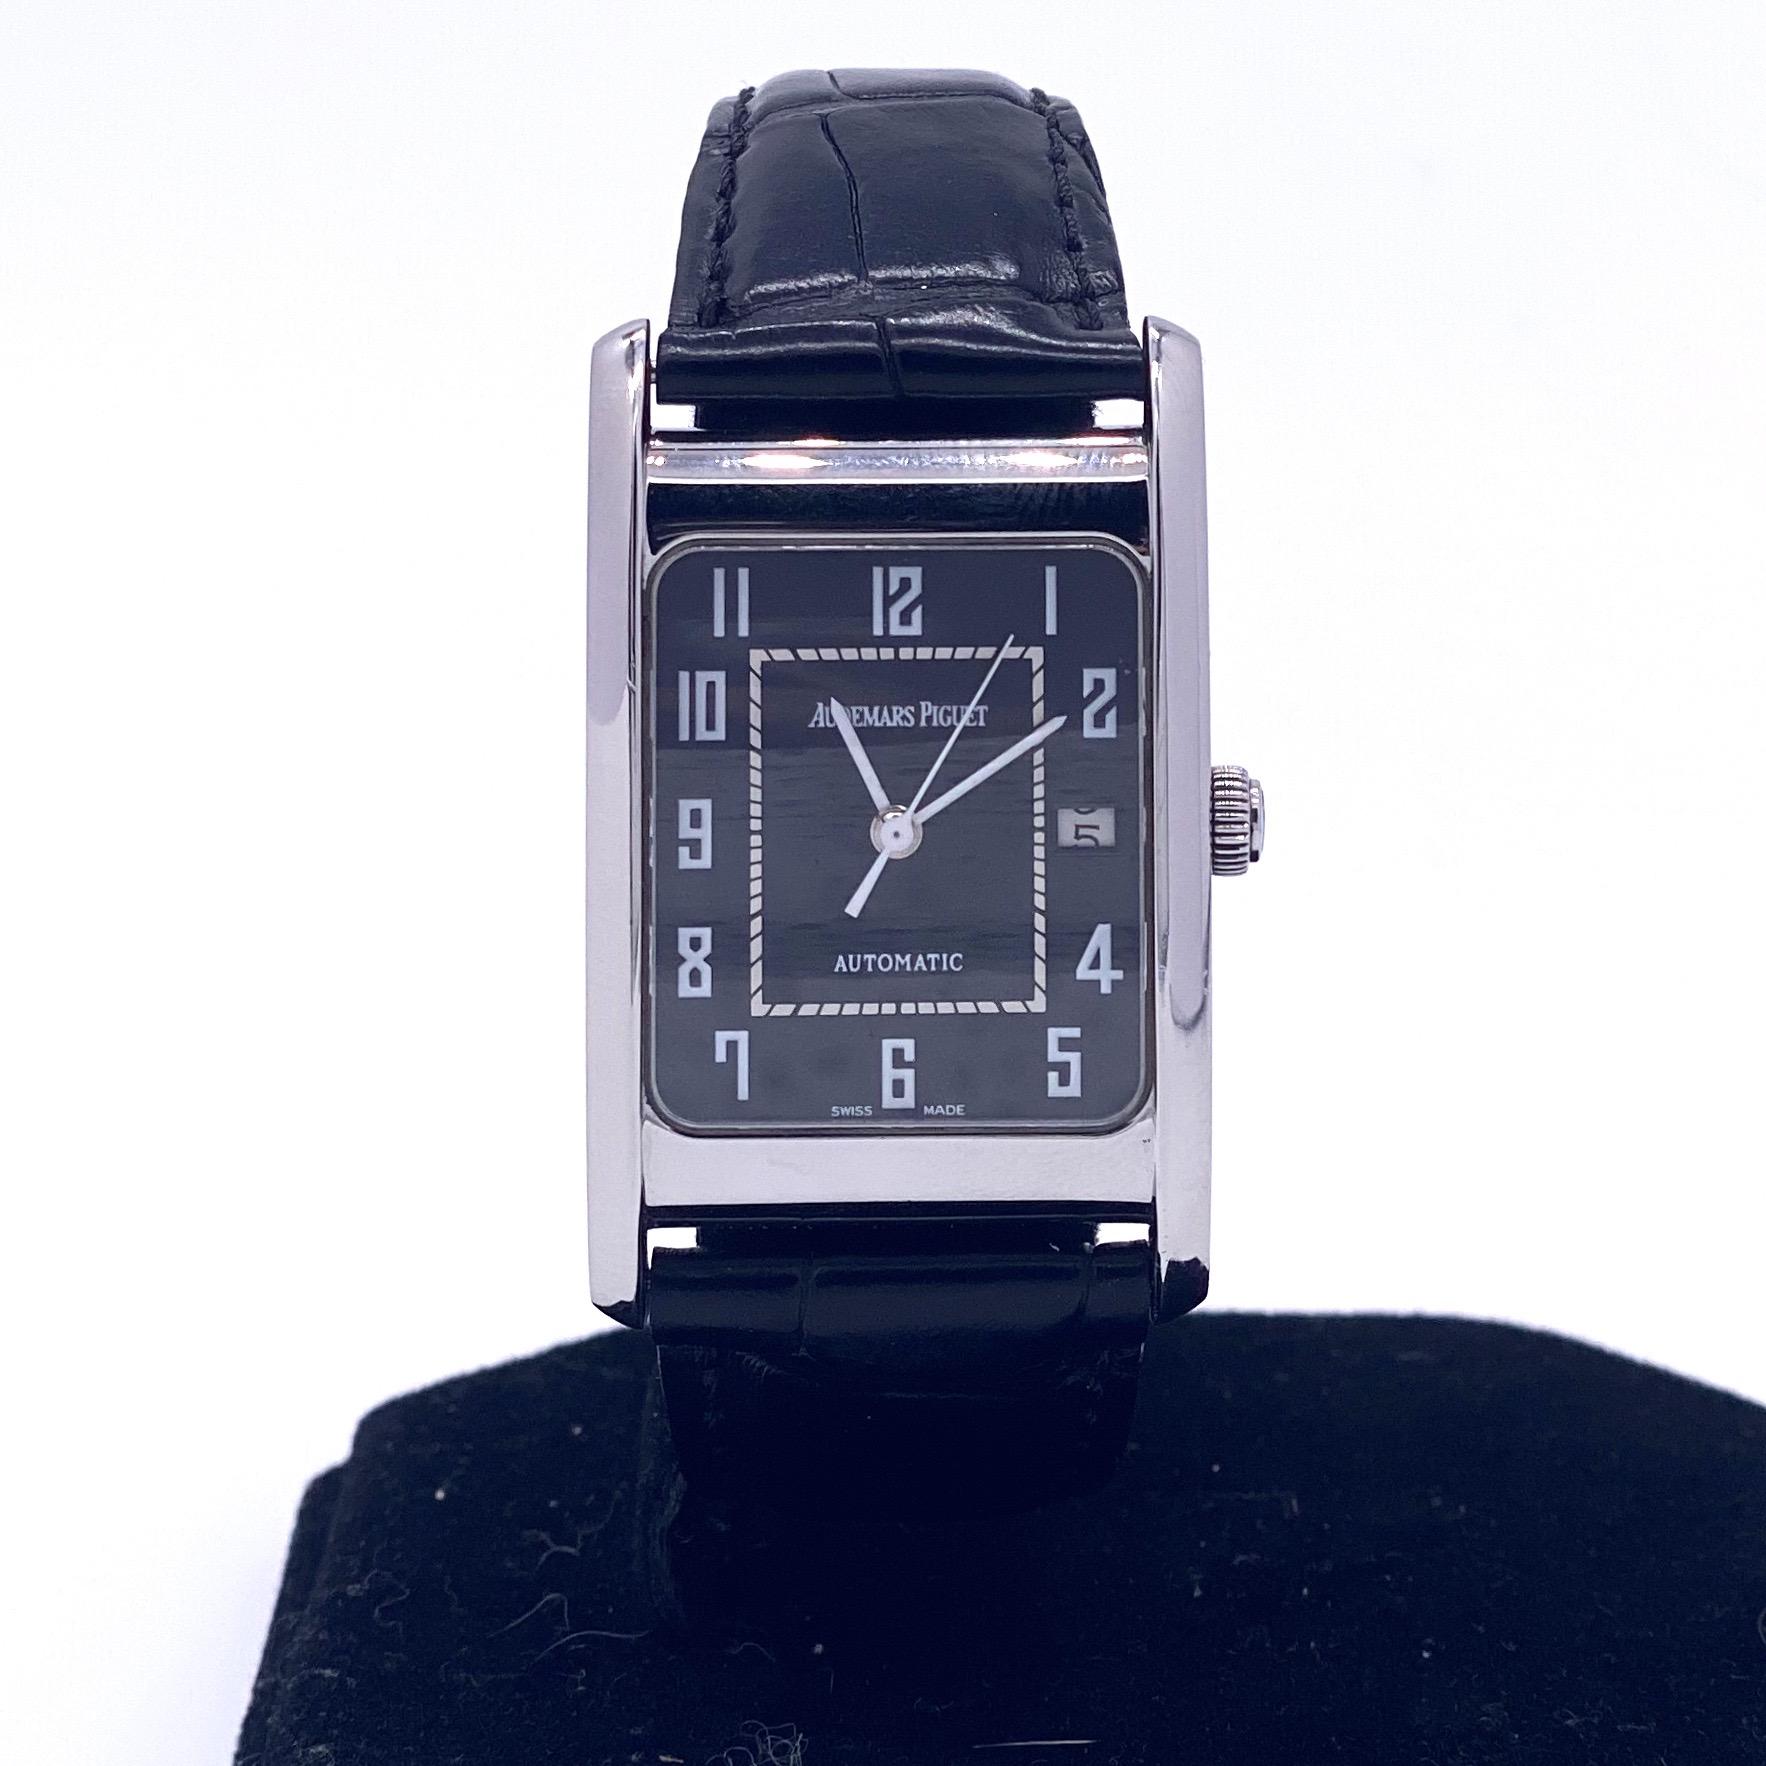 Lot 24 - Audemars Piguet Edward Watch Steel Case